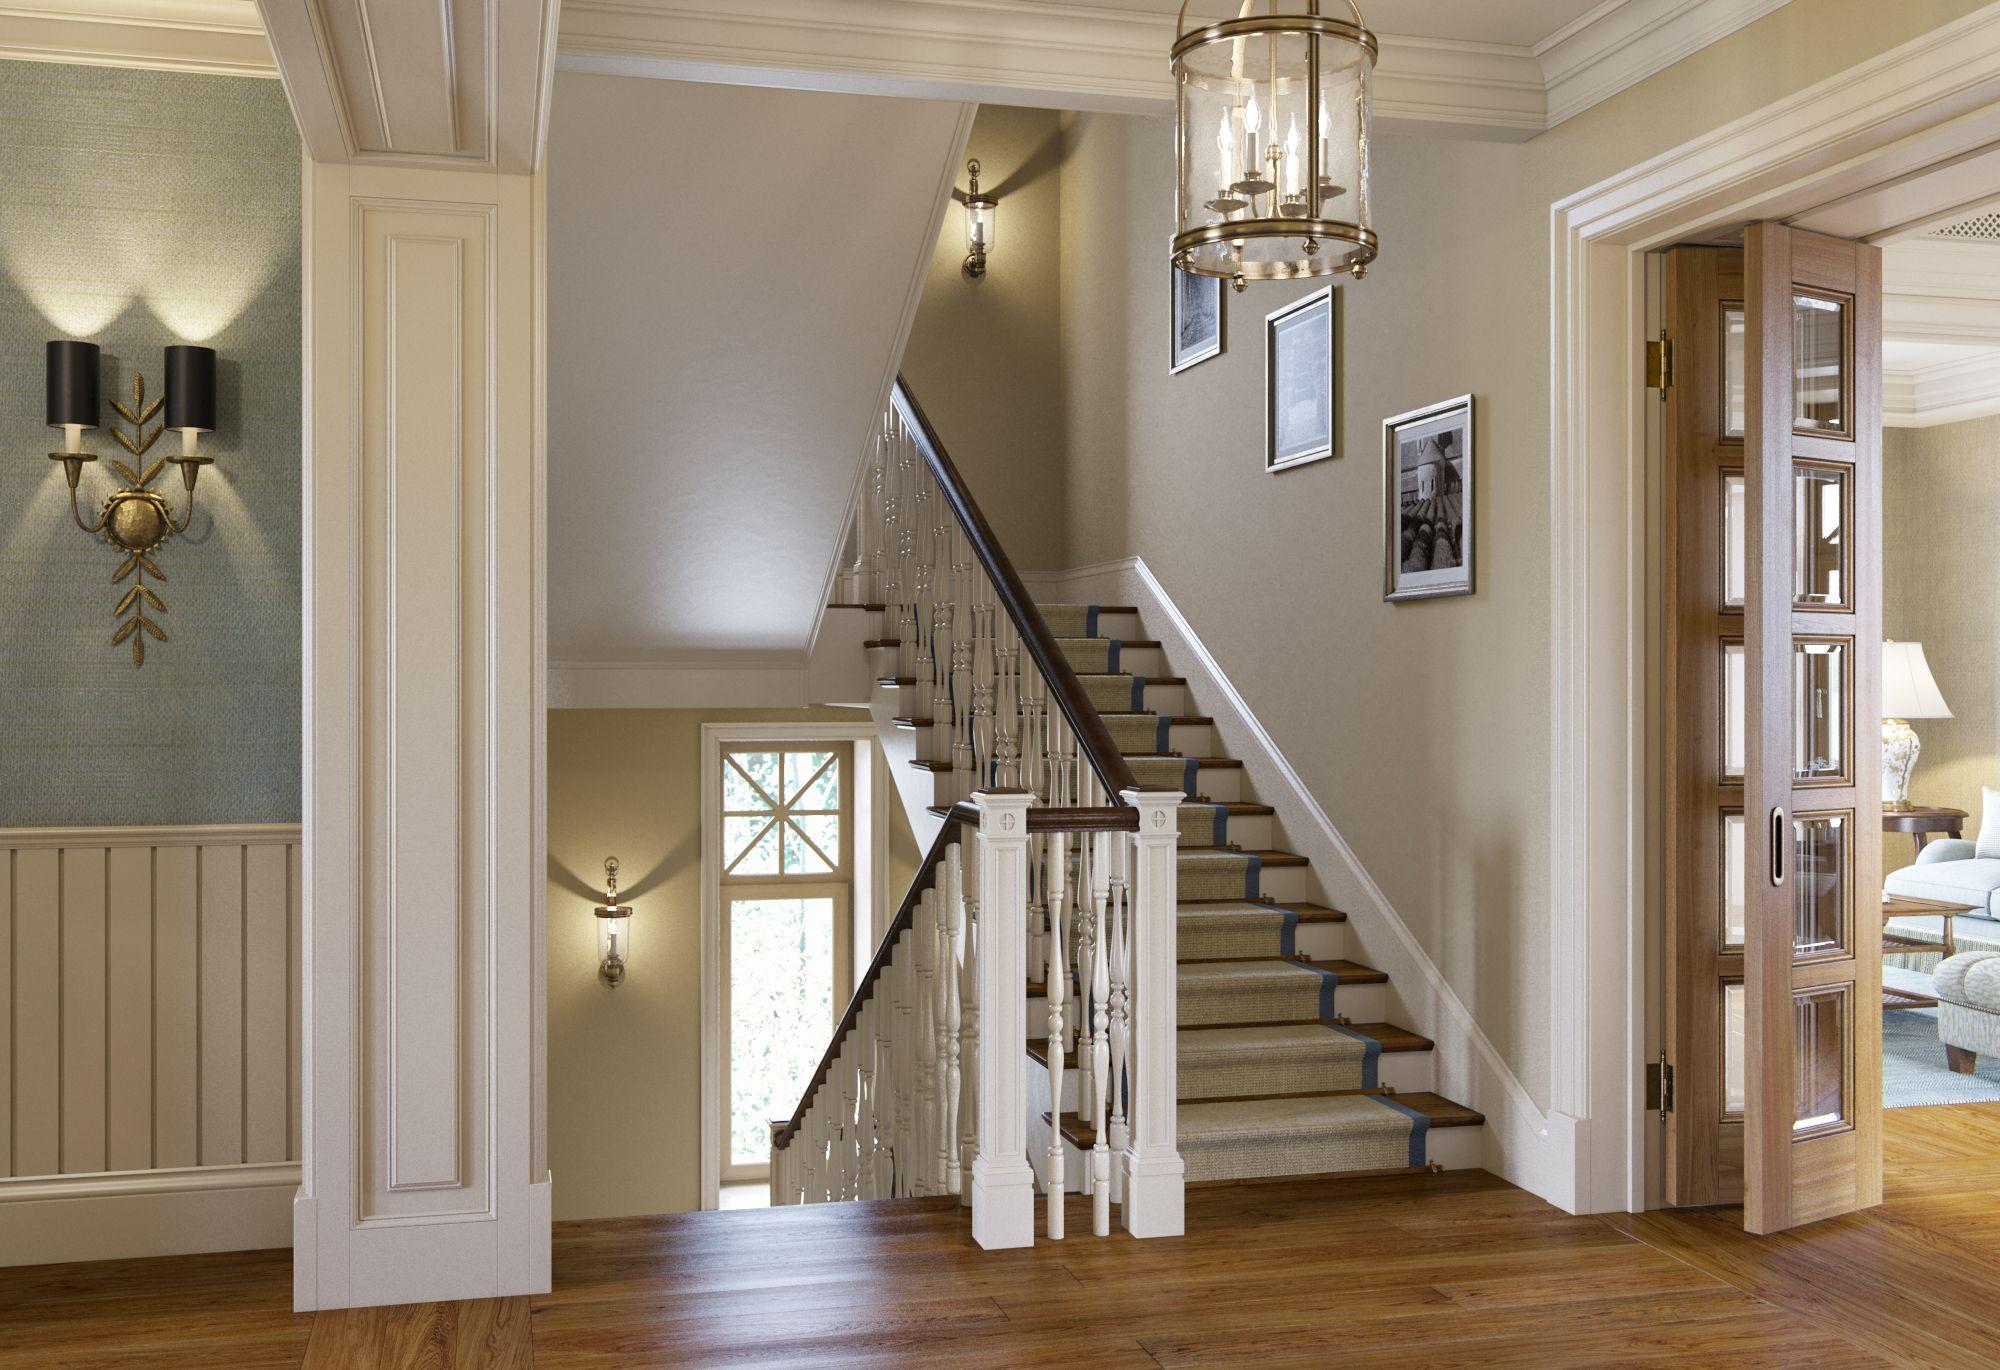 декор лестничного пролета в доме фото вариантов много, есть